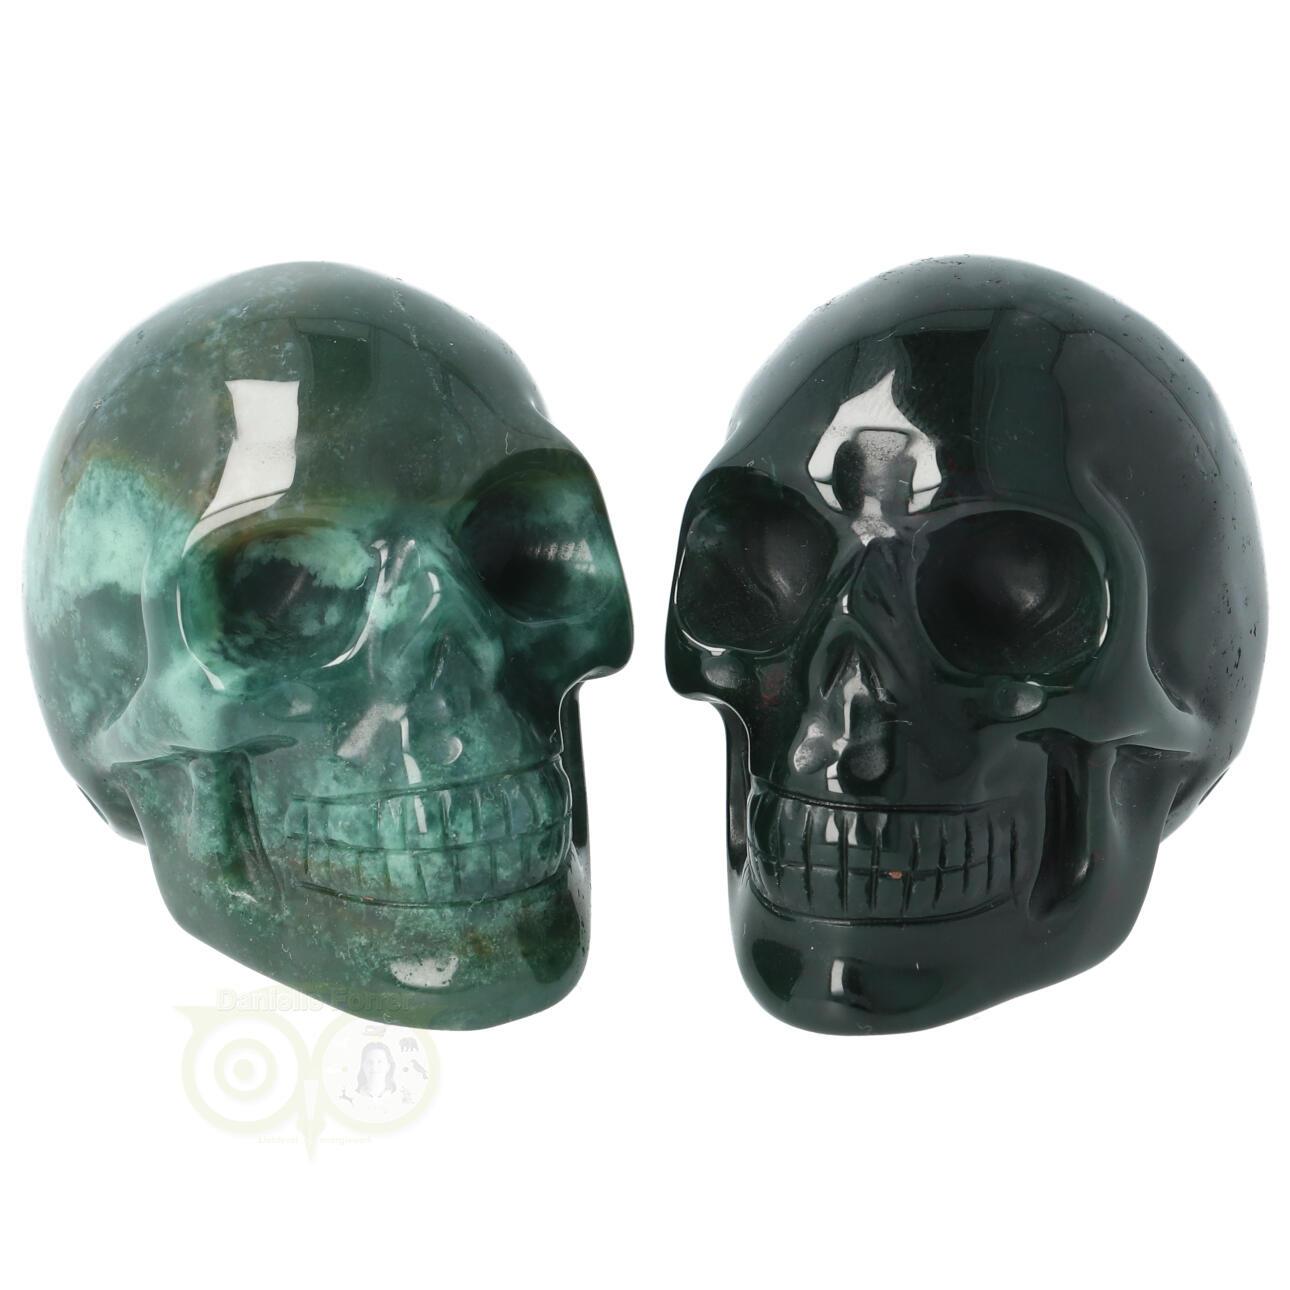 Mosagaat Mos-agaat kristallen schedel - Mosagaat Mos-agaat kleine schedels kopen | Edelstenen Webwinkel - Webshop Danielle Forrer